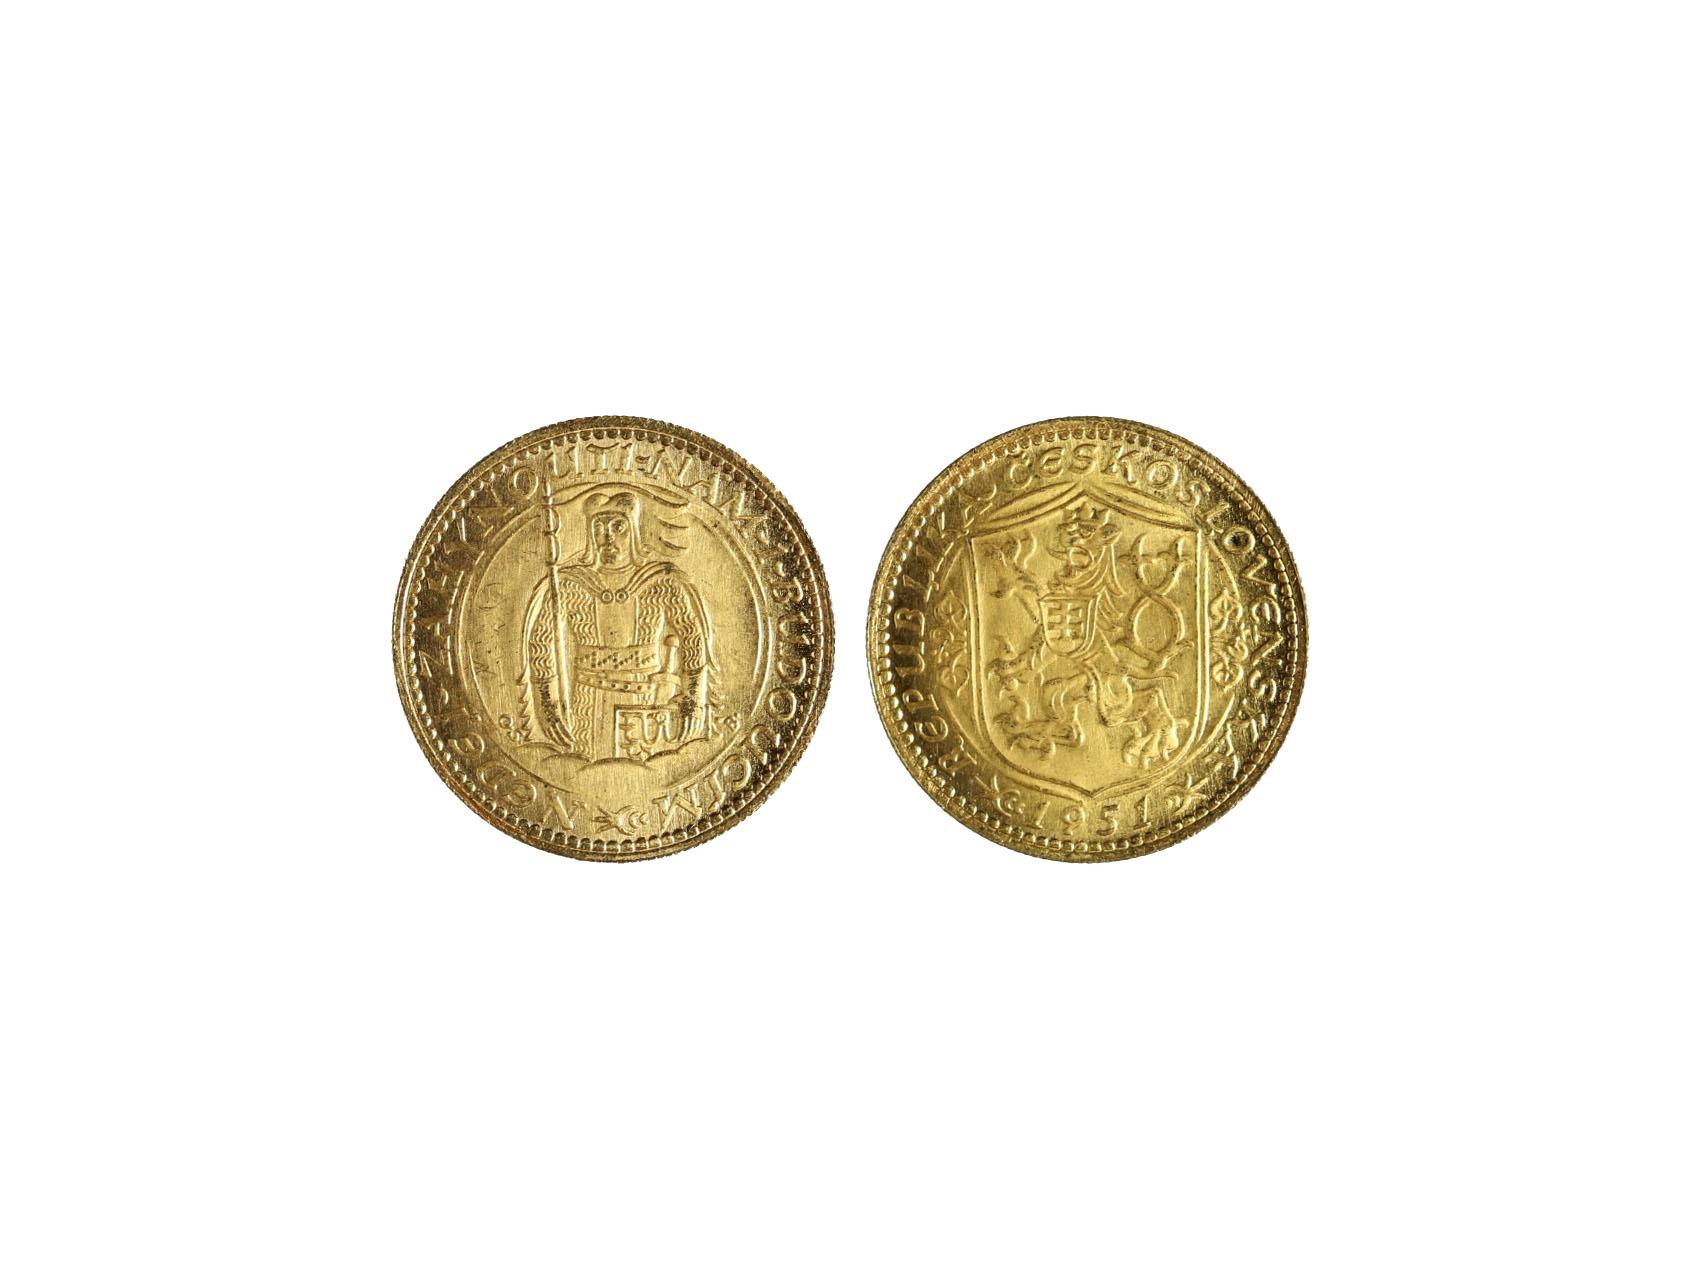 Československo 1945-1992 - Dukát 1951, 3.491 g, 986/1000, raženo 500 ks, N51, vzácný, pravý, bezvadná kvalita